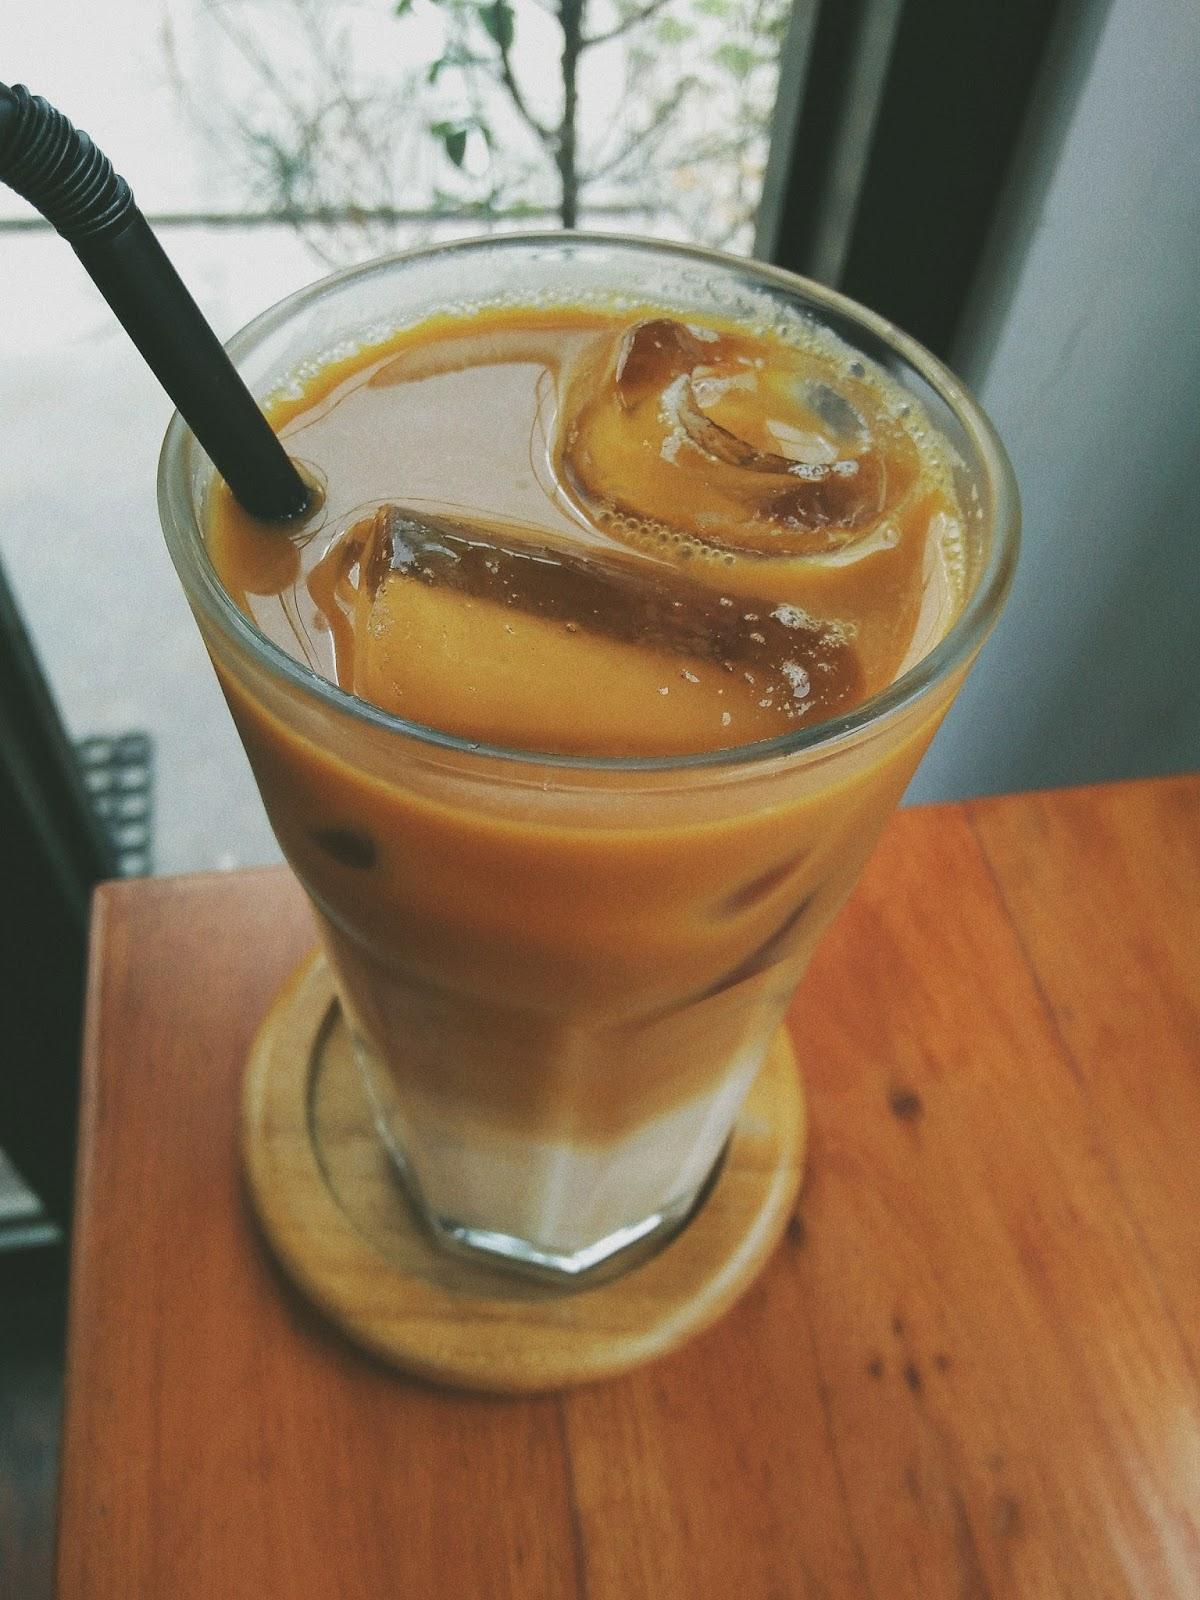 #JJJ - 4 Es Kopi Susu WAJIB COBA di Jogja - Maraville Coffee